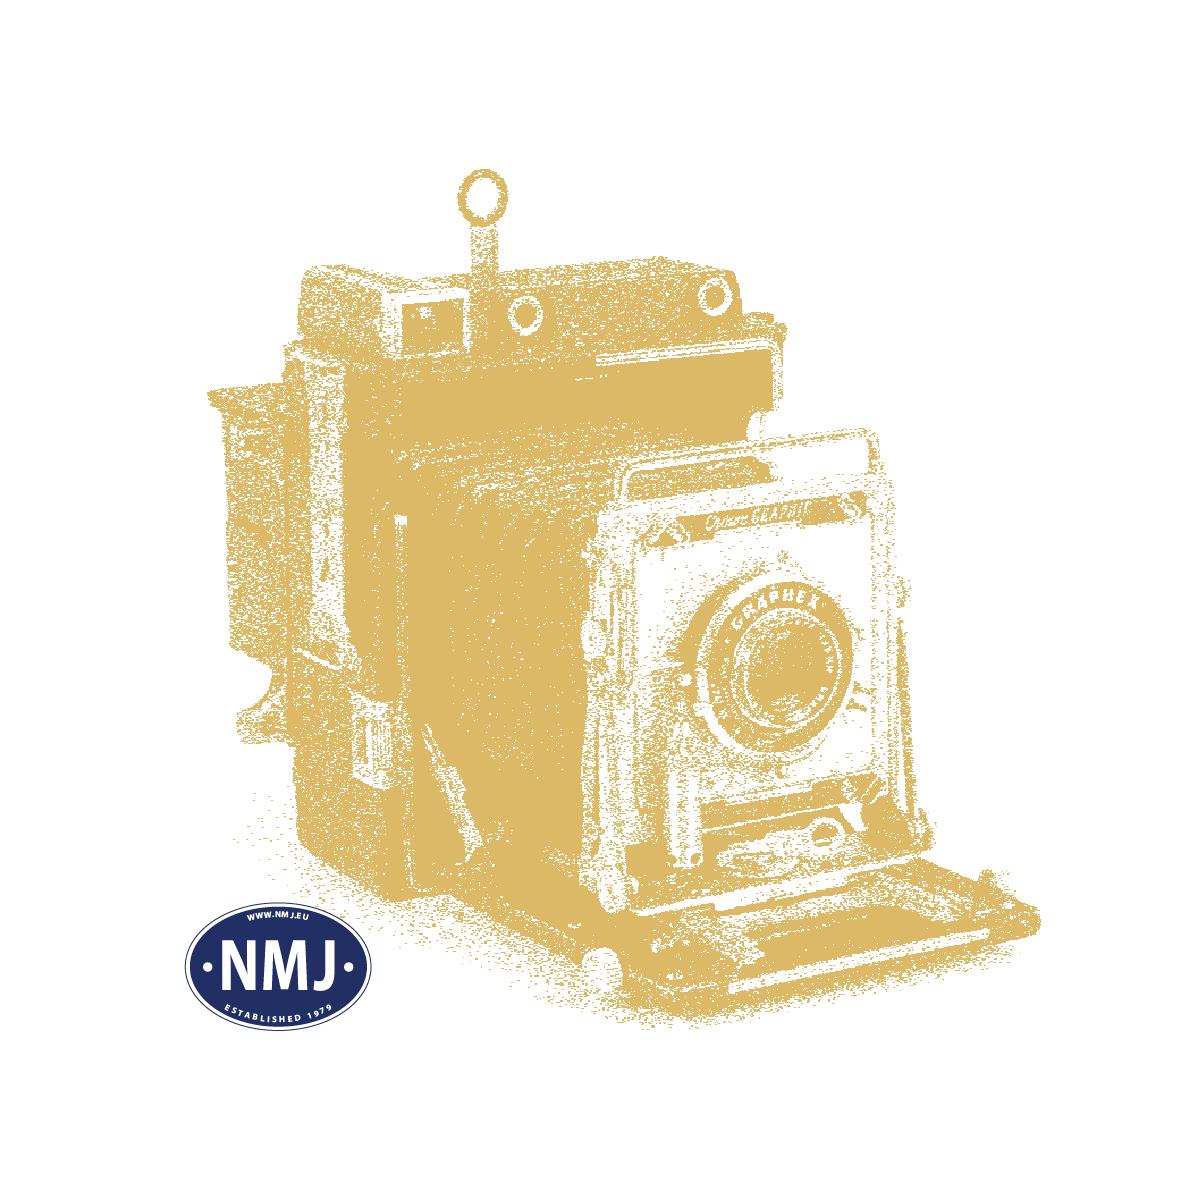 NJKPS179 - På Sporet nr 179, blad